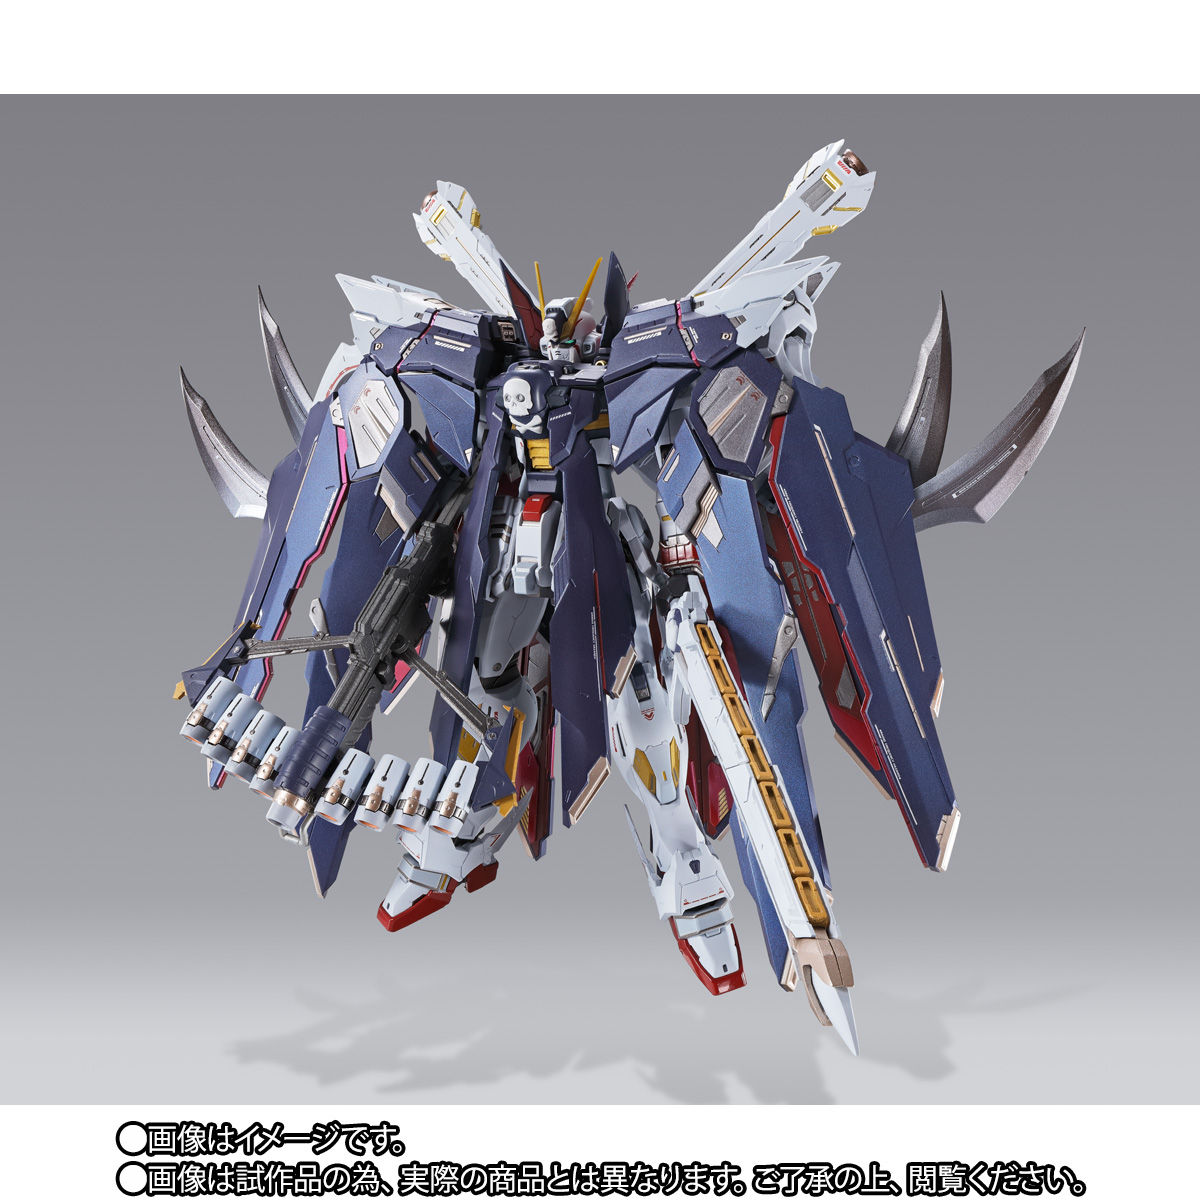 METAL BUILD『クロスボーン・ガンダムX1 フルクロス』機動戦士クロスボーン・ガンダム 可動フィギュア-004